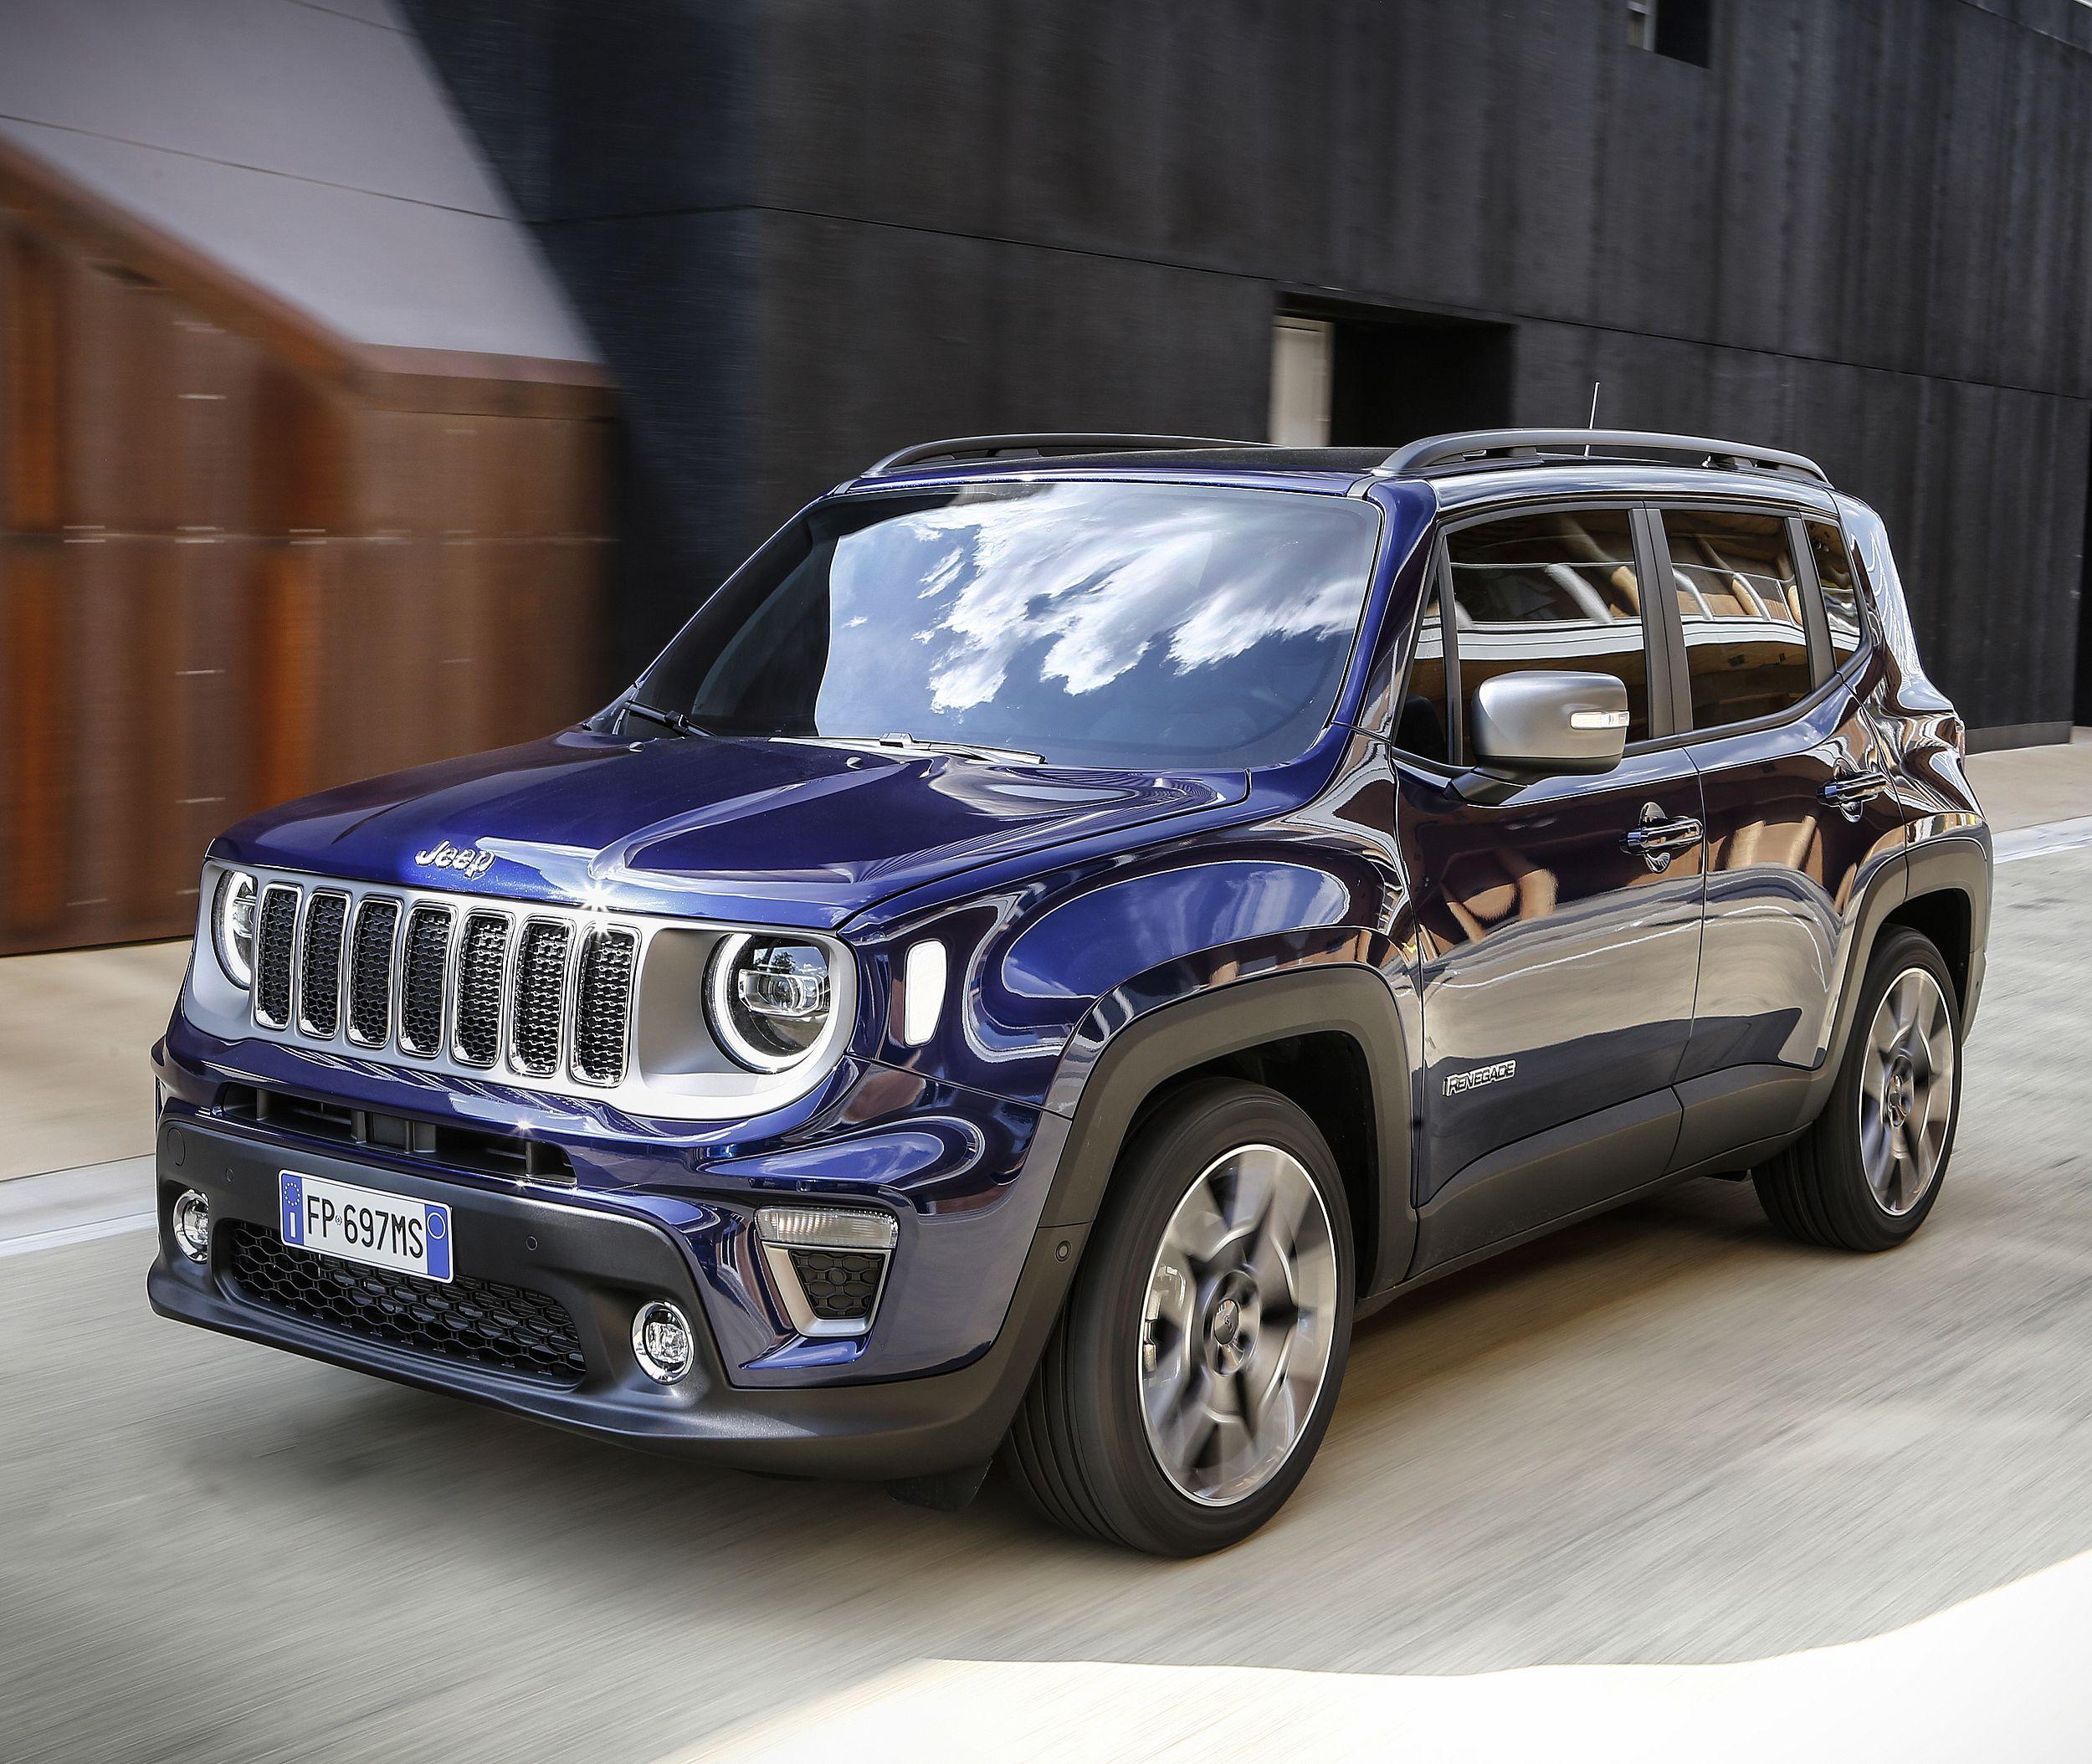 Verkaufsstart Fur Den Neuen Jeep Renegade Modelljahr 2019 Jeep Renegade Jeep Modell